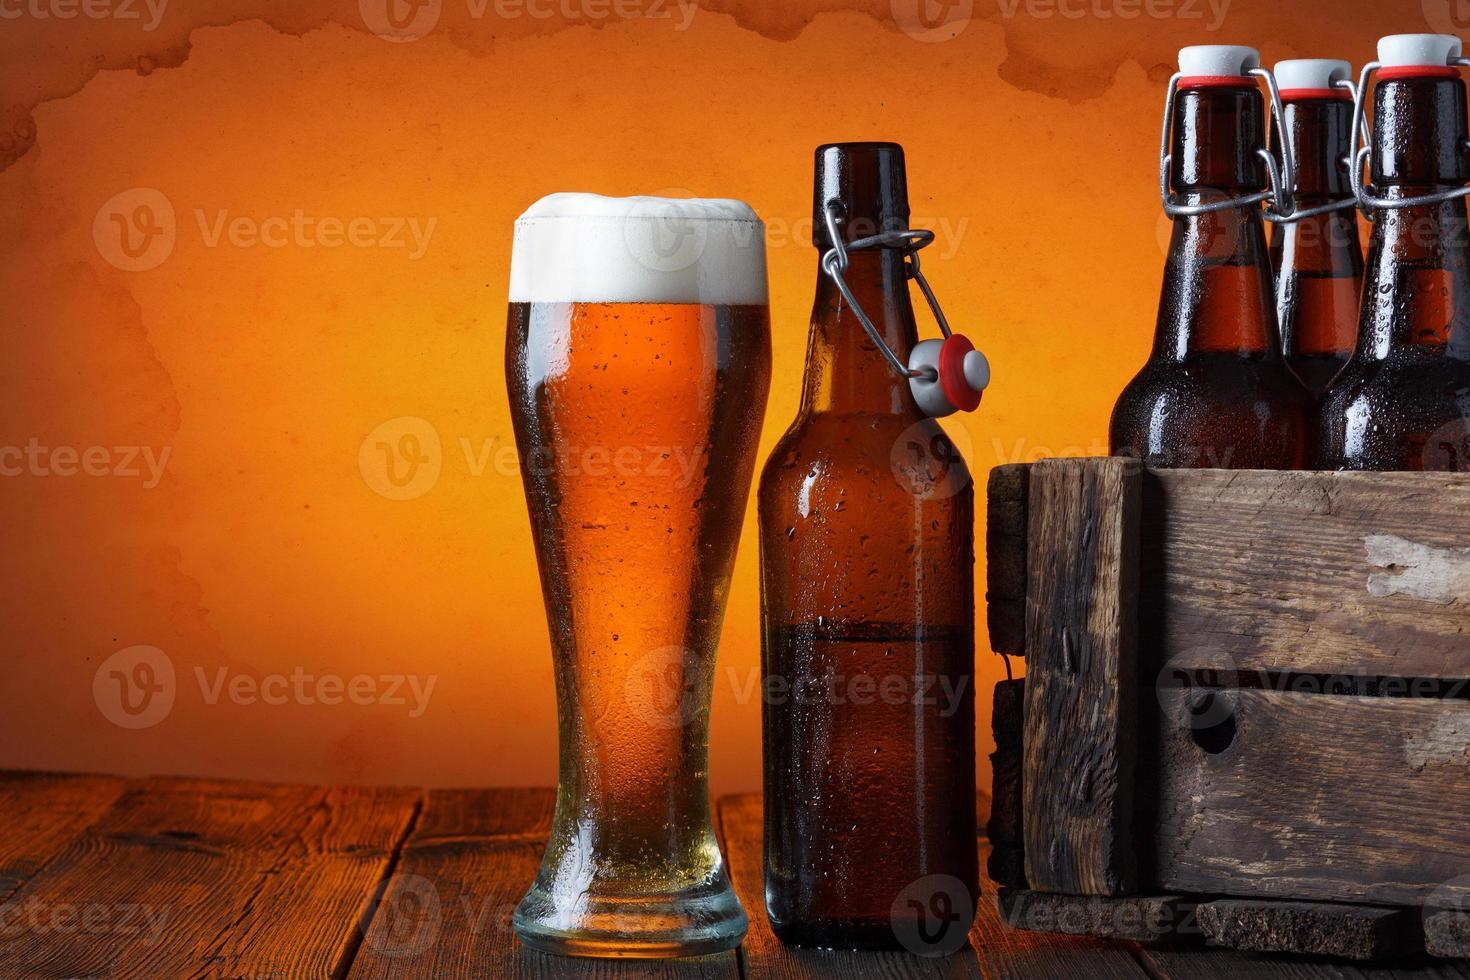 bierglas met houten krat met flessen foto